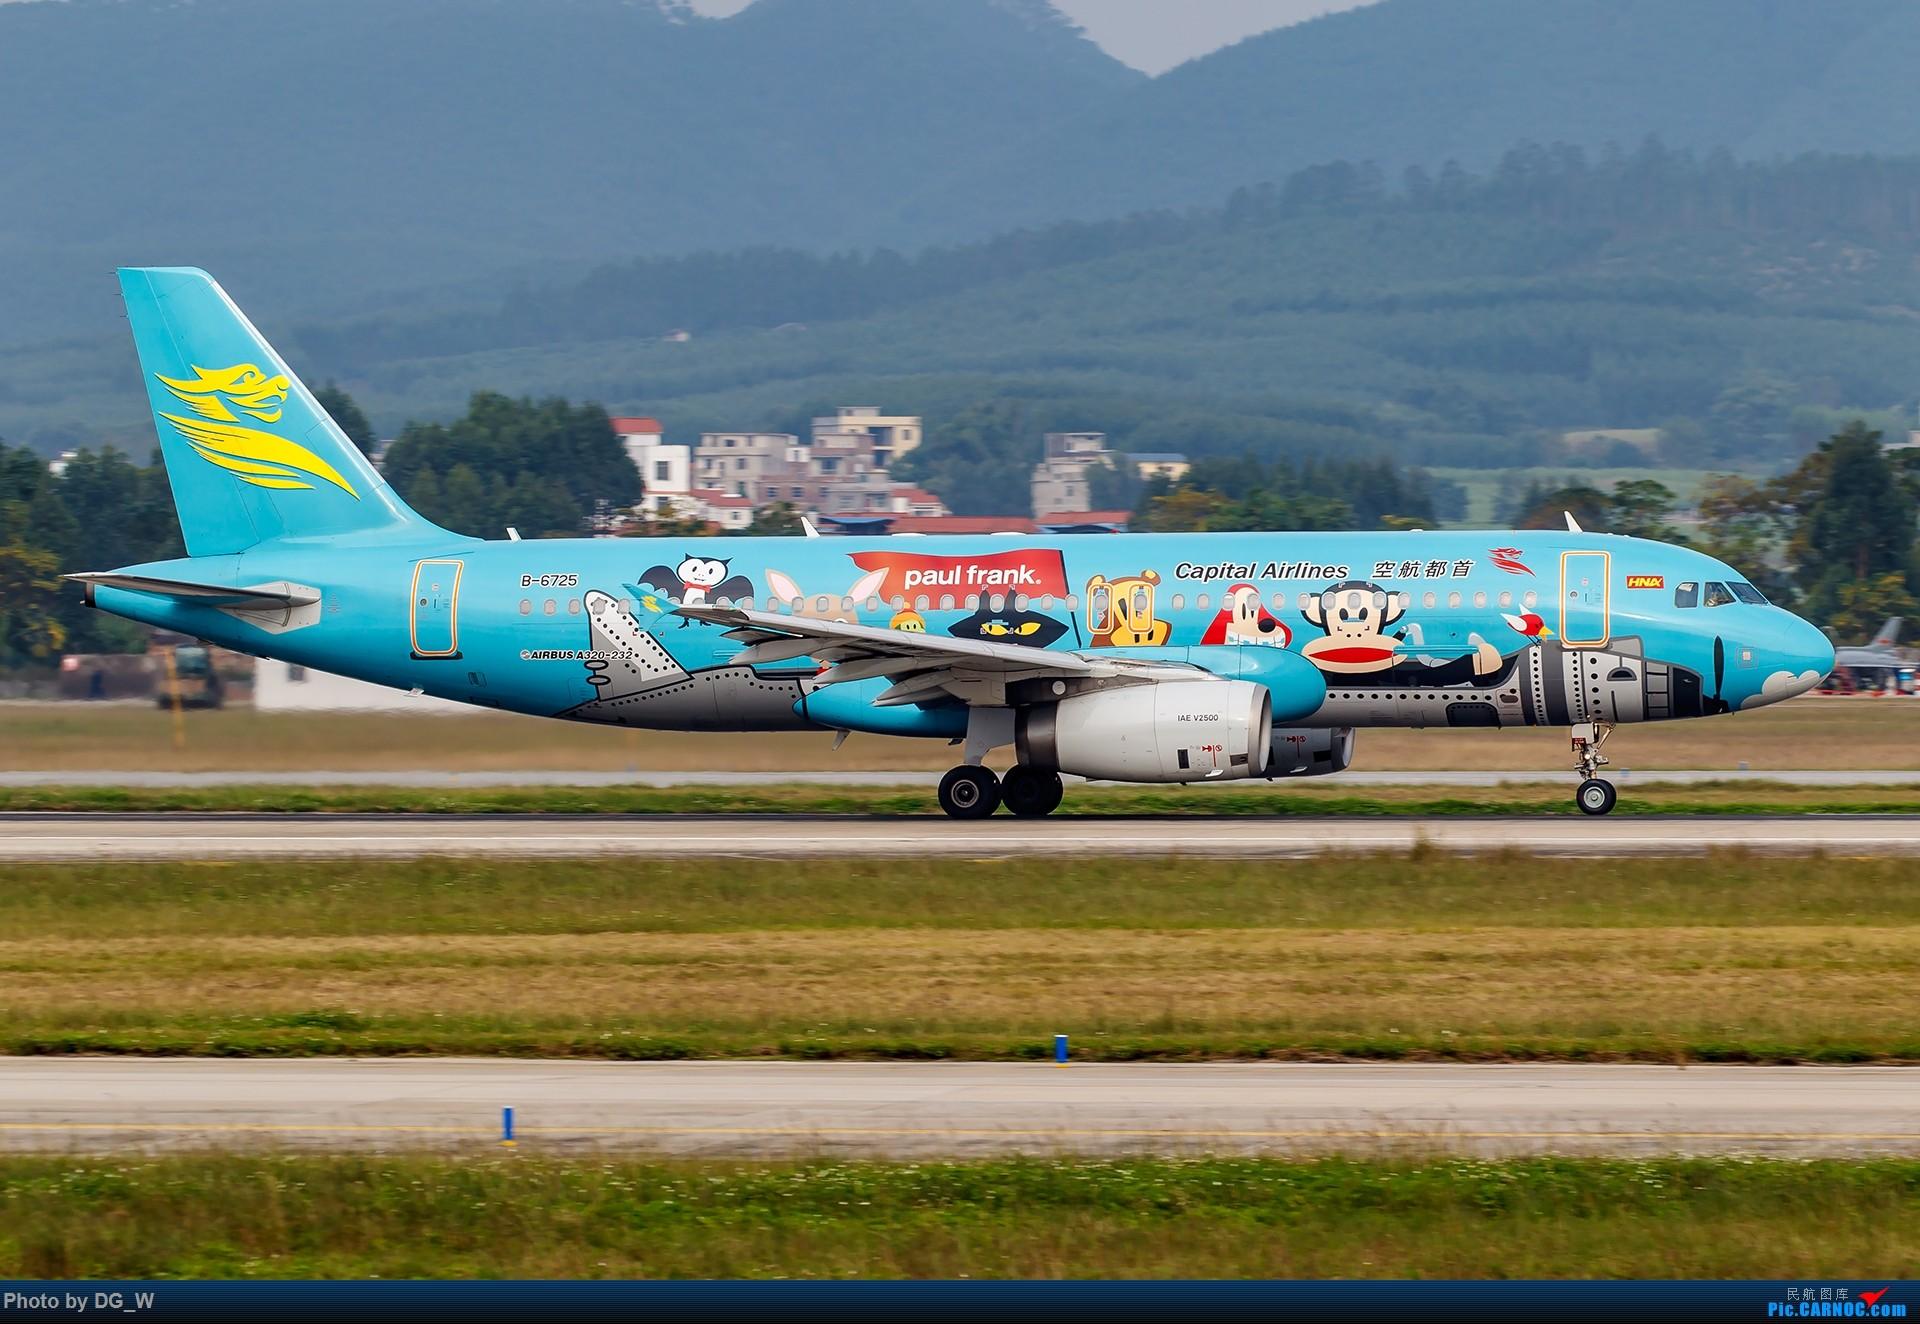 Re:[原创]【南宁飞友】烂天作业之空客专场 AIRBUS A320-200 B-6725 中国南宁吴圩国际机场